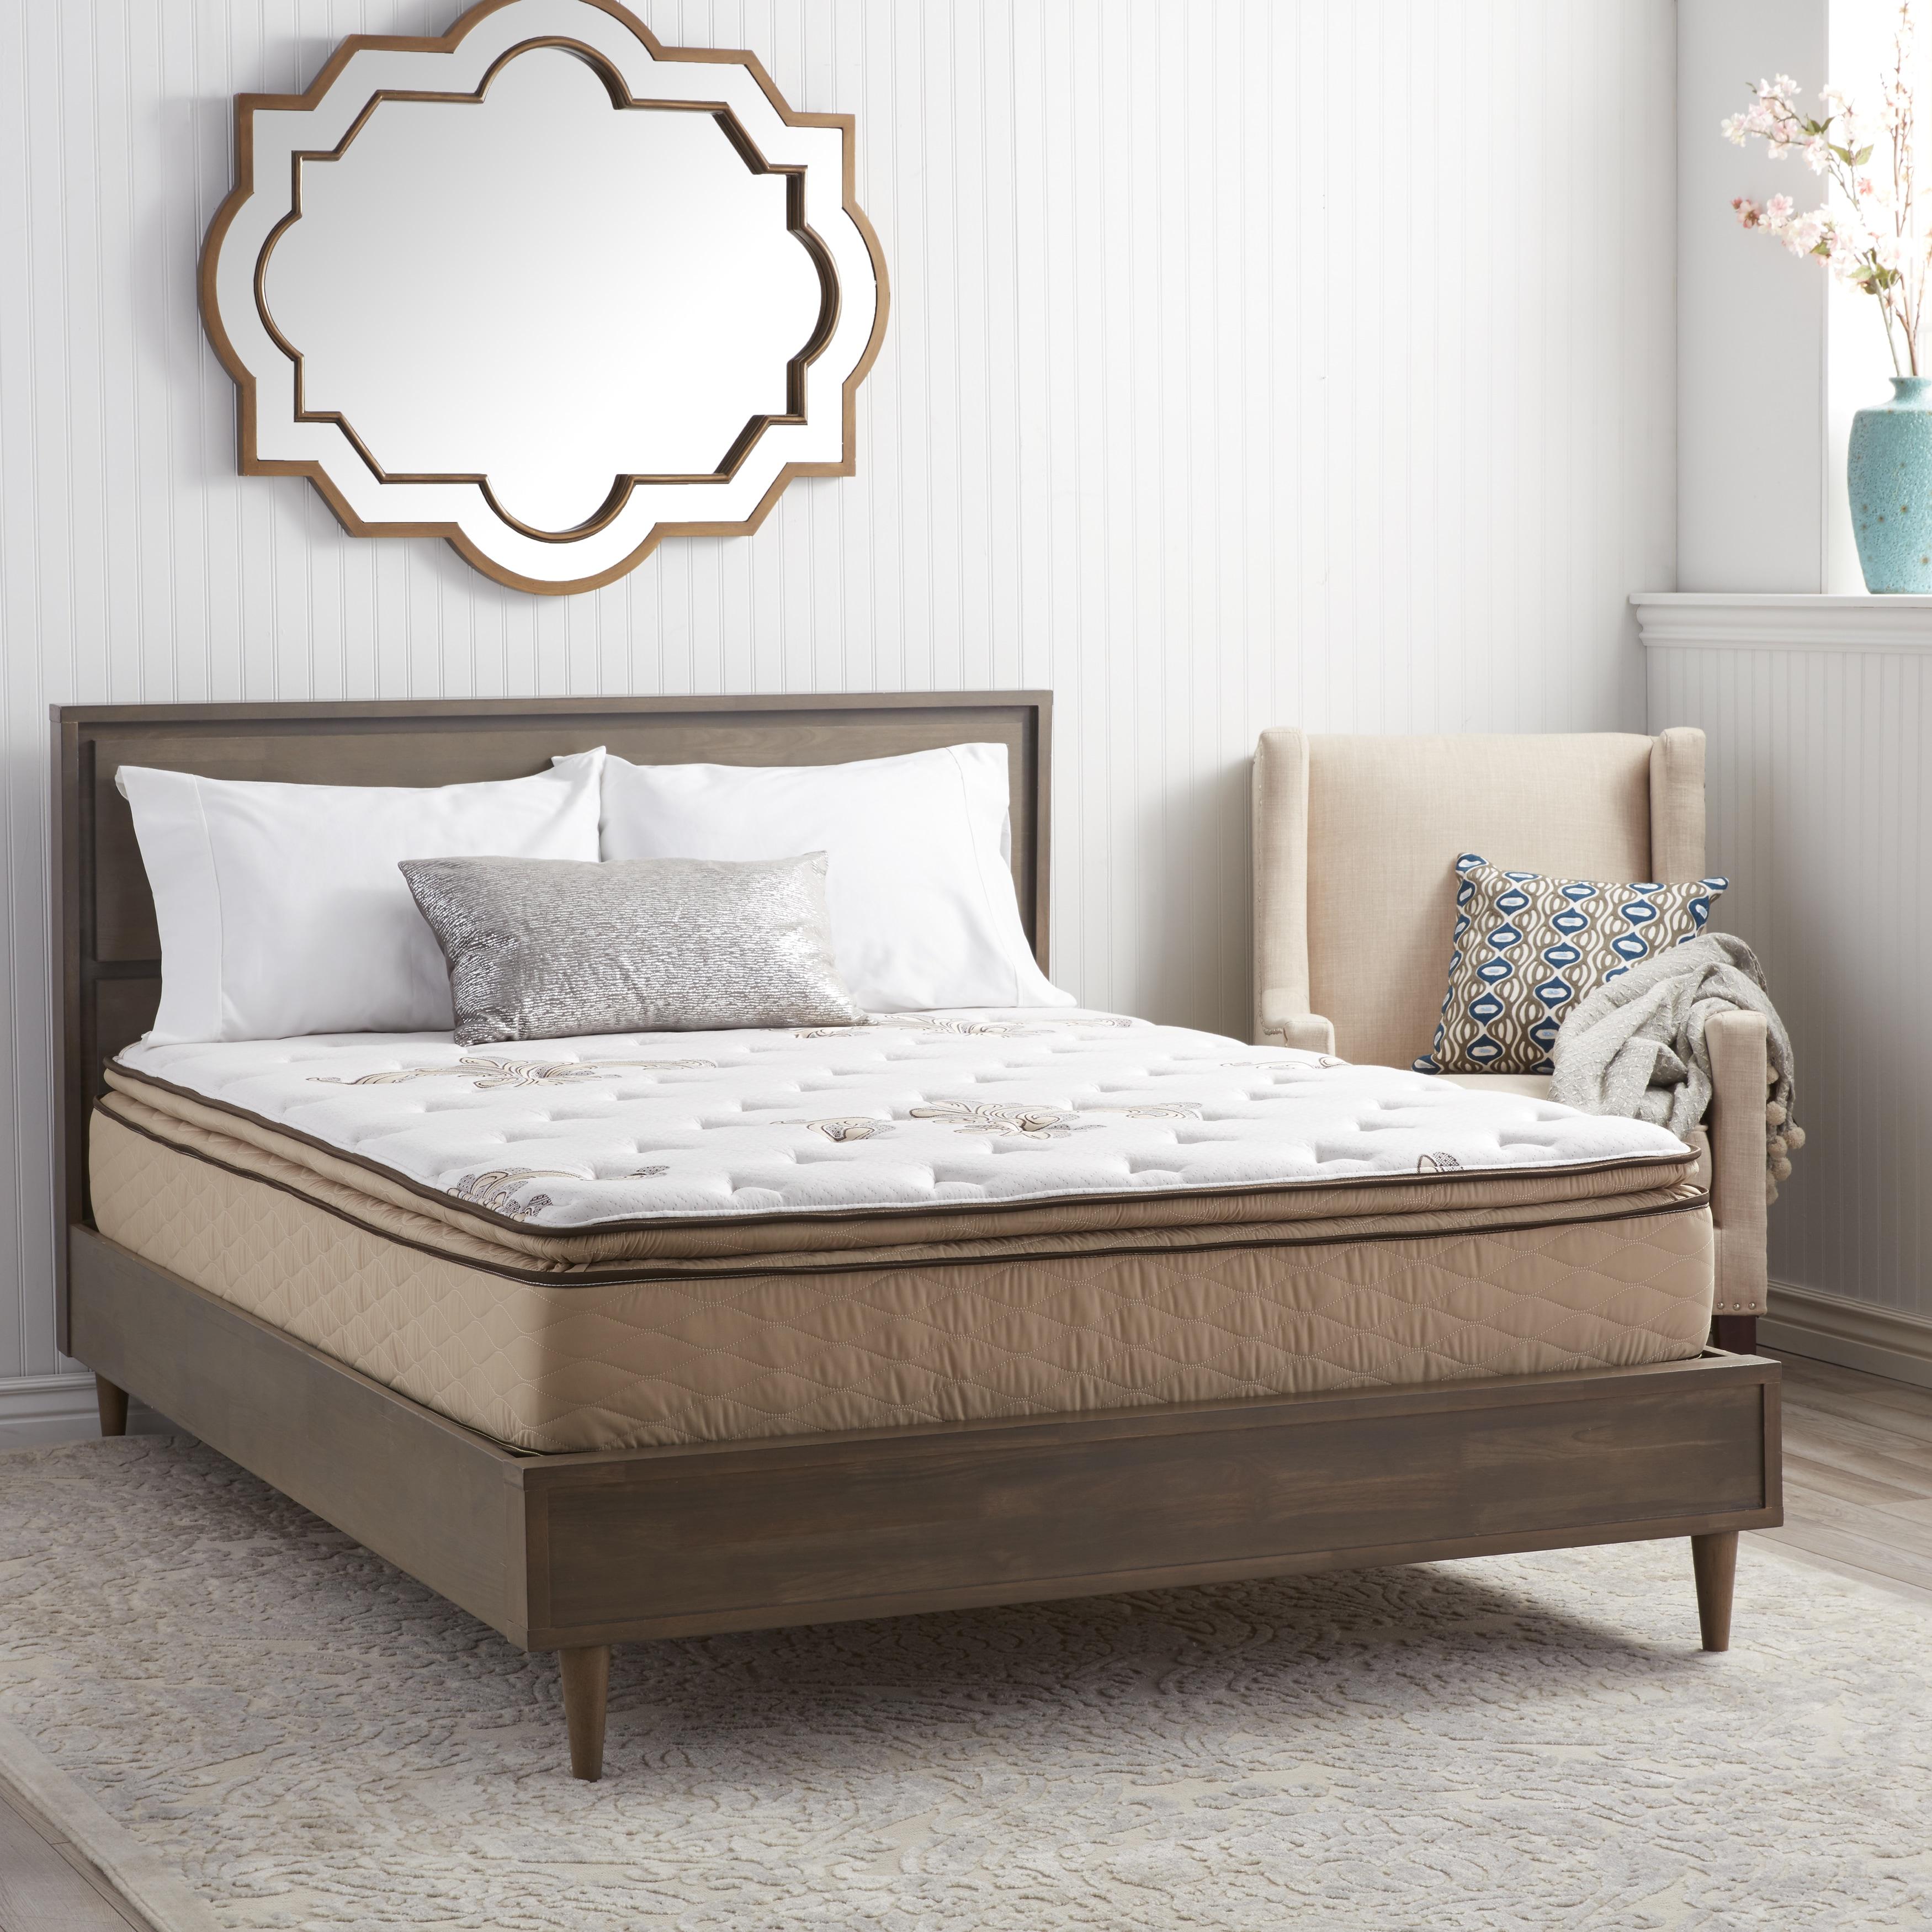 Pillow Top 11inch Short Queen-size RV Mattress Sleeping Foam Trailer ...